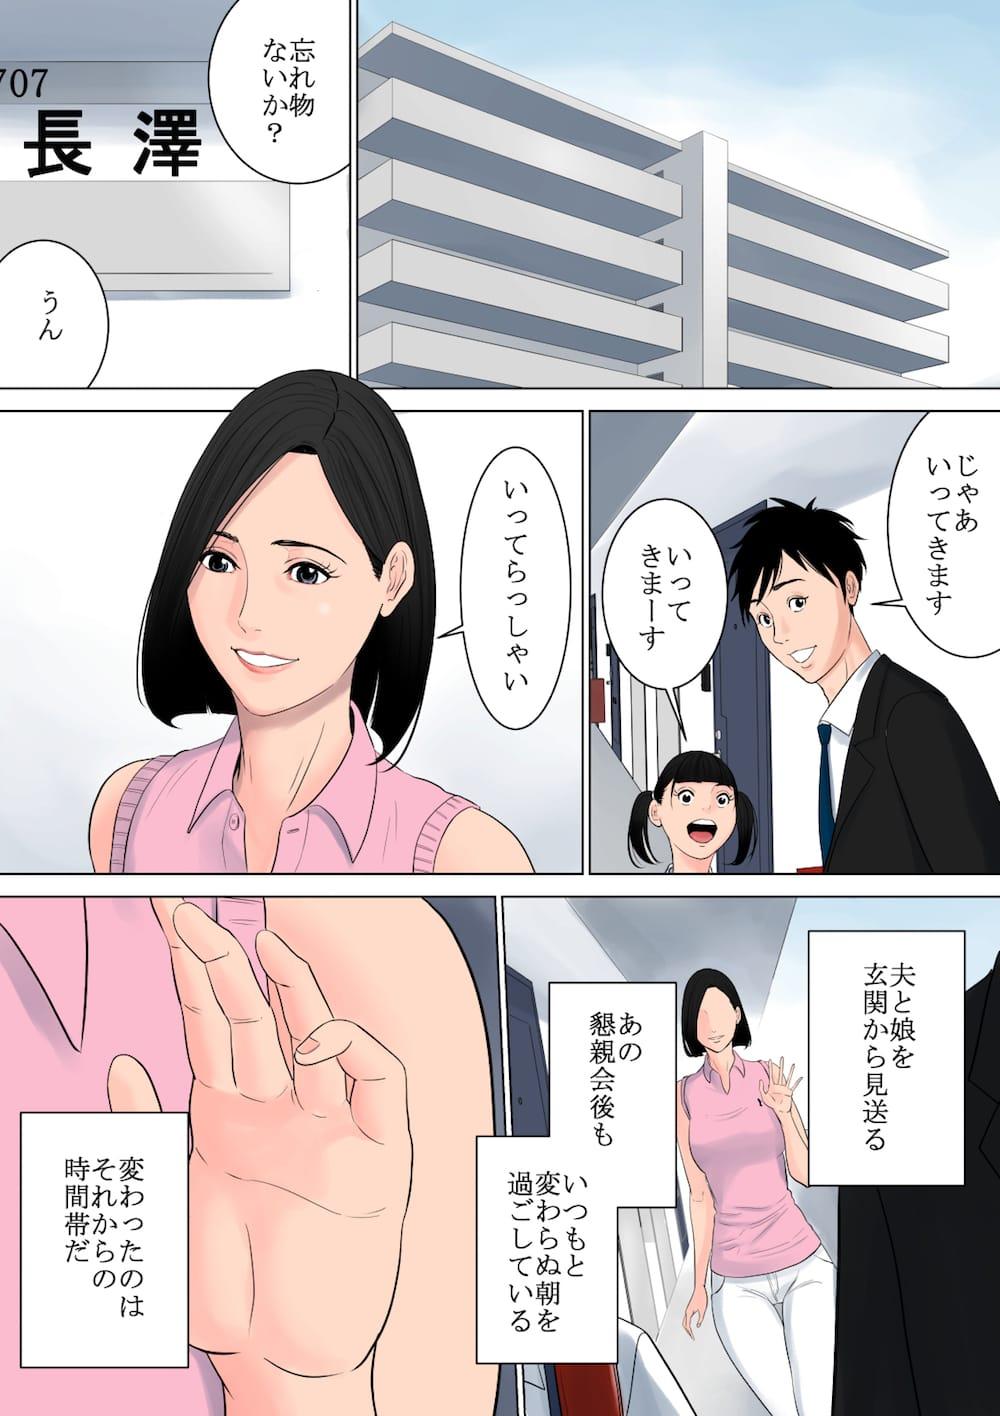 官能漫画 多摩 豪 作品